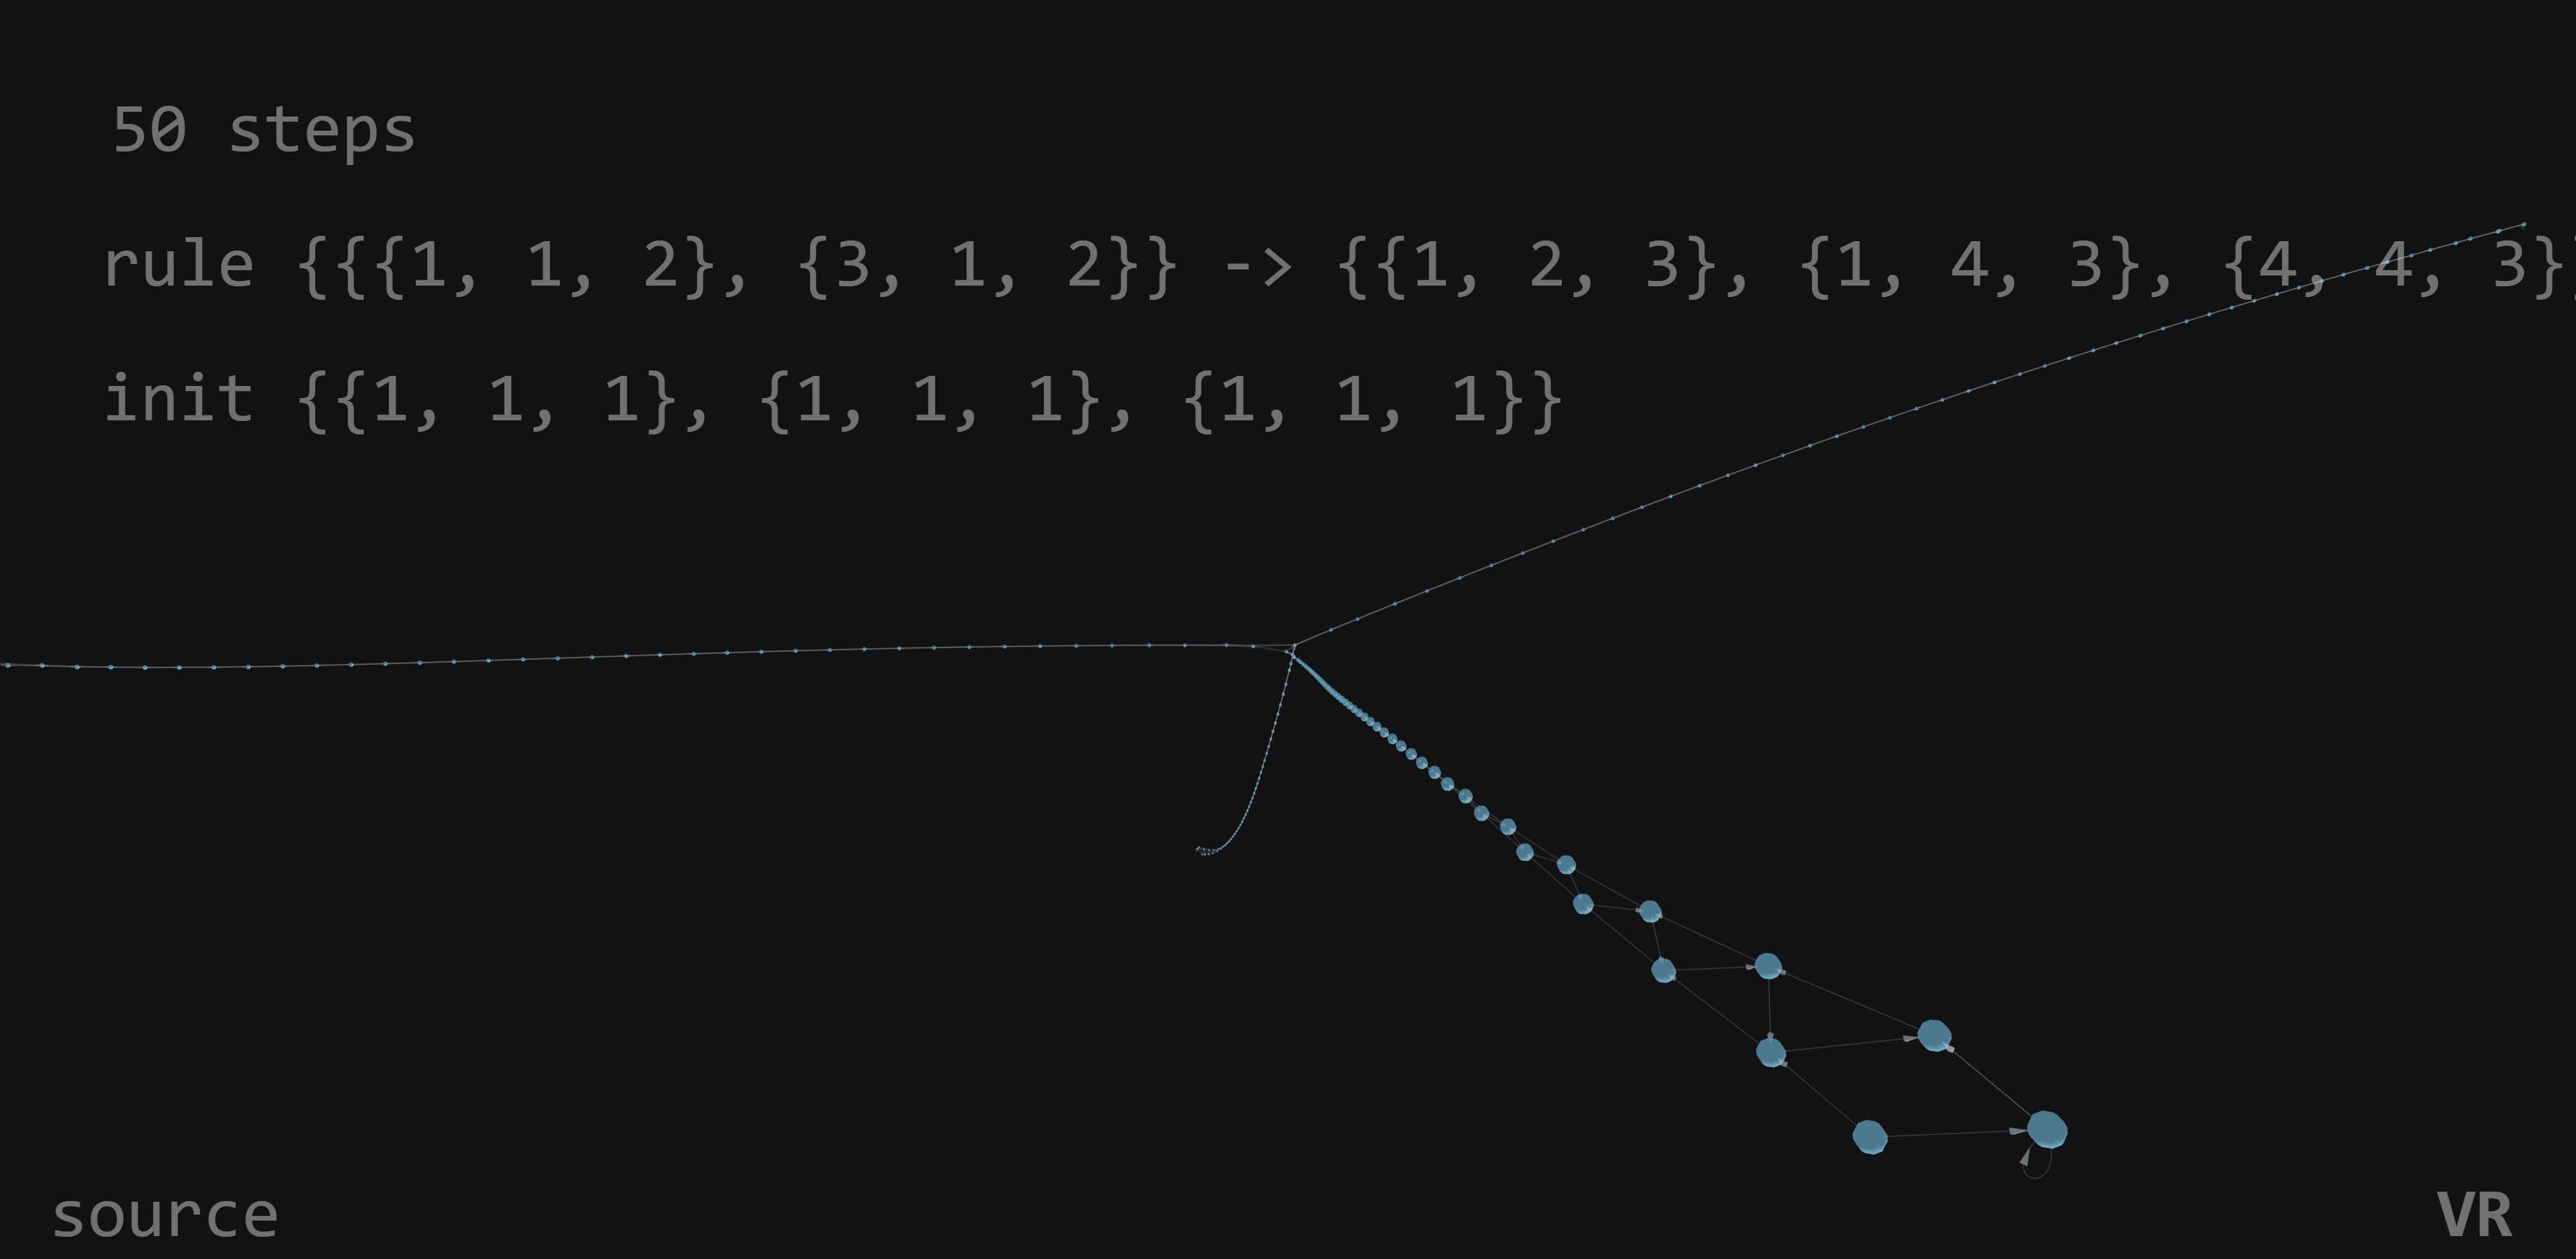 Four spikes 3D 50 steps